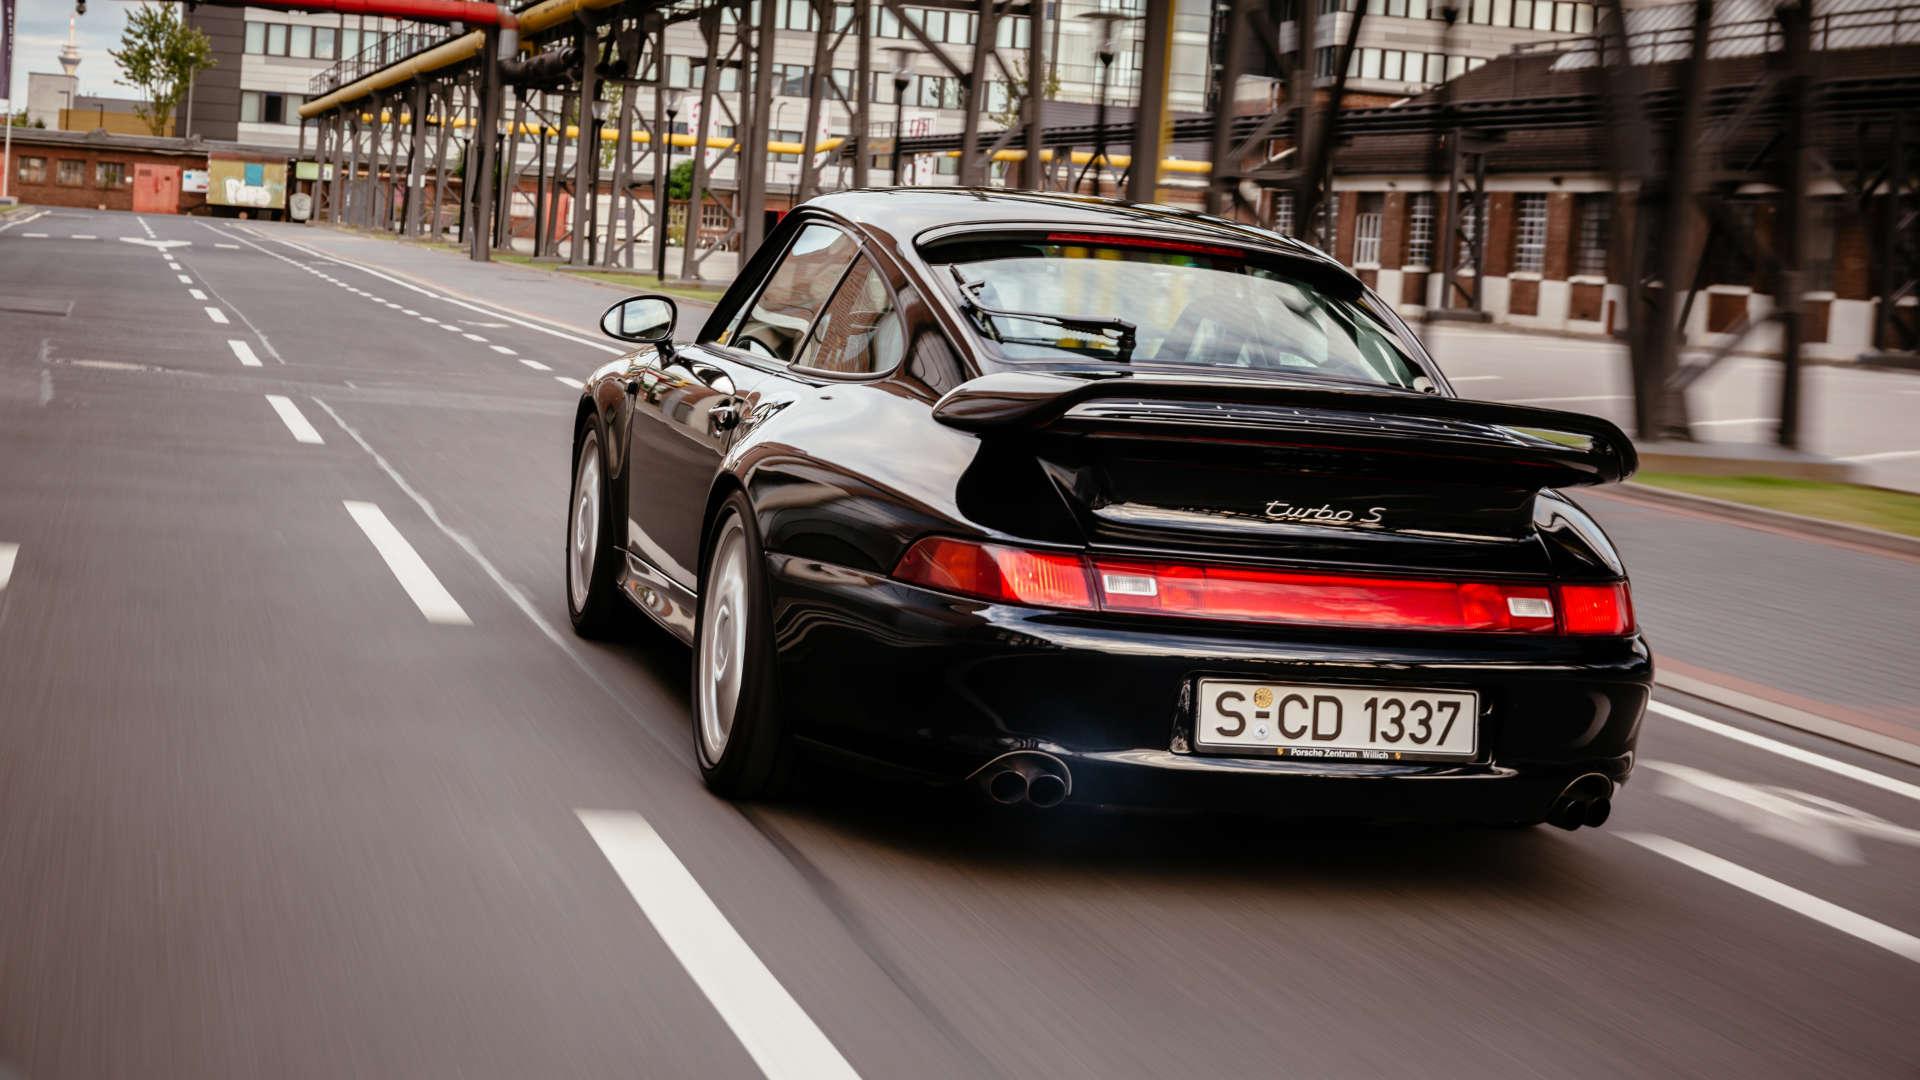 Porsche Fahrer Magazin